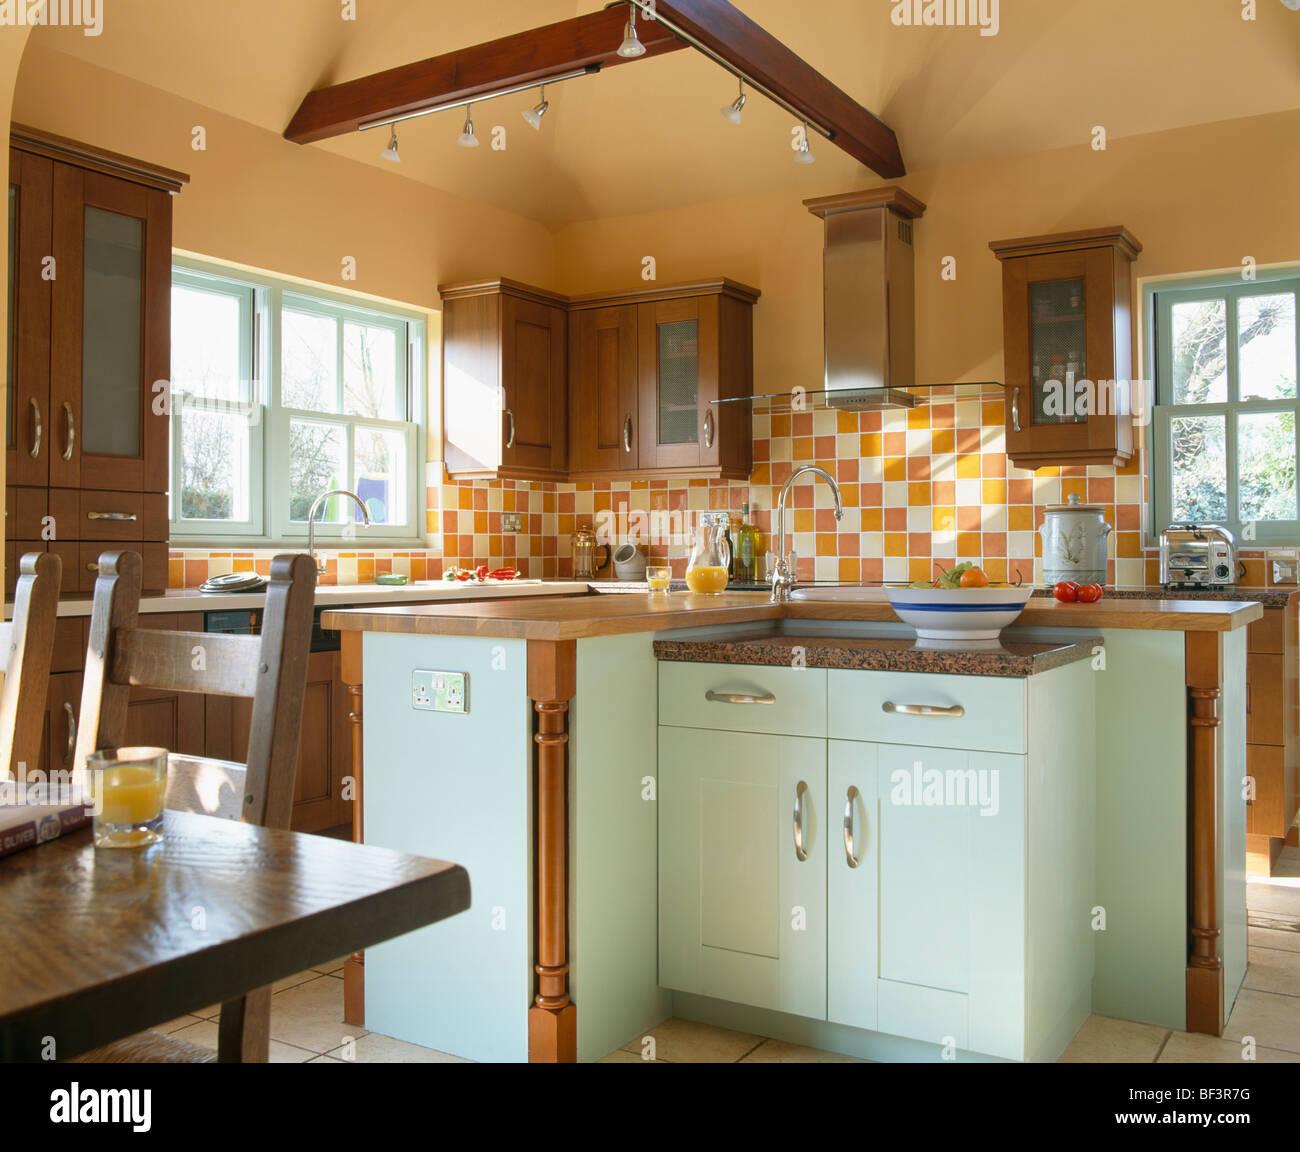 Arancione e bianco delle piastrelle a parete in cucina di paese con verde pastello unit montata - Piastrelle bianche cucina ...